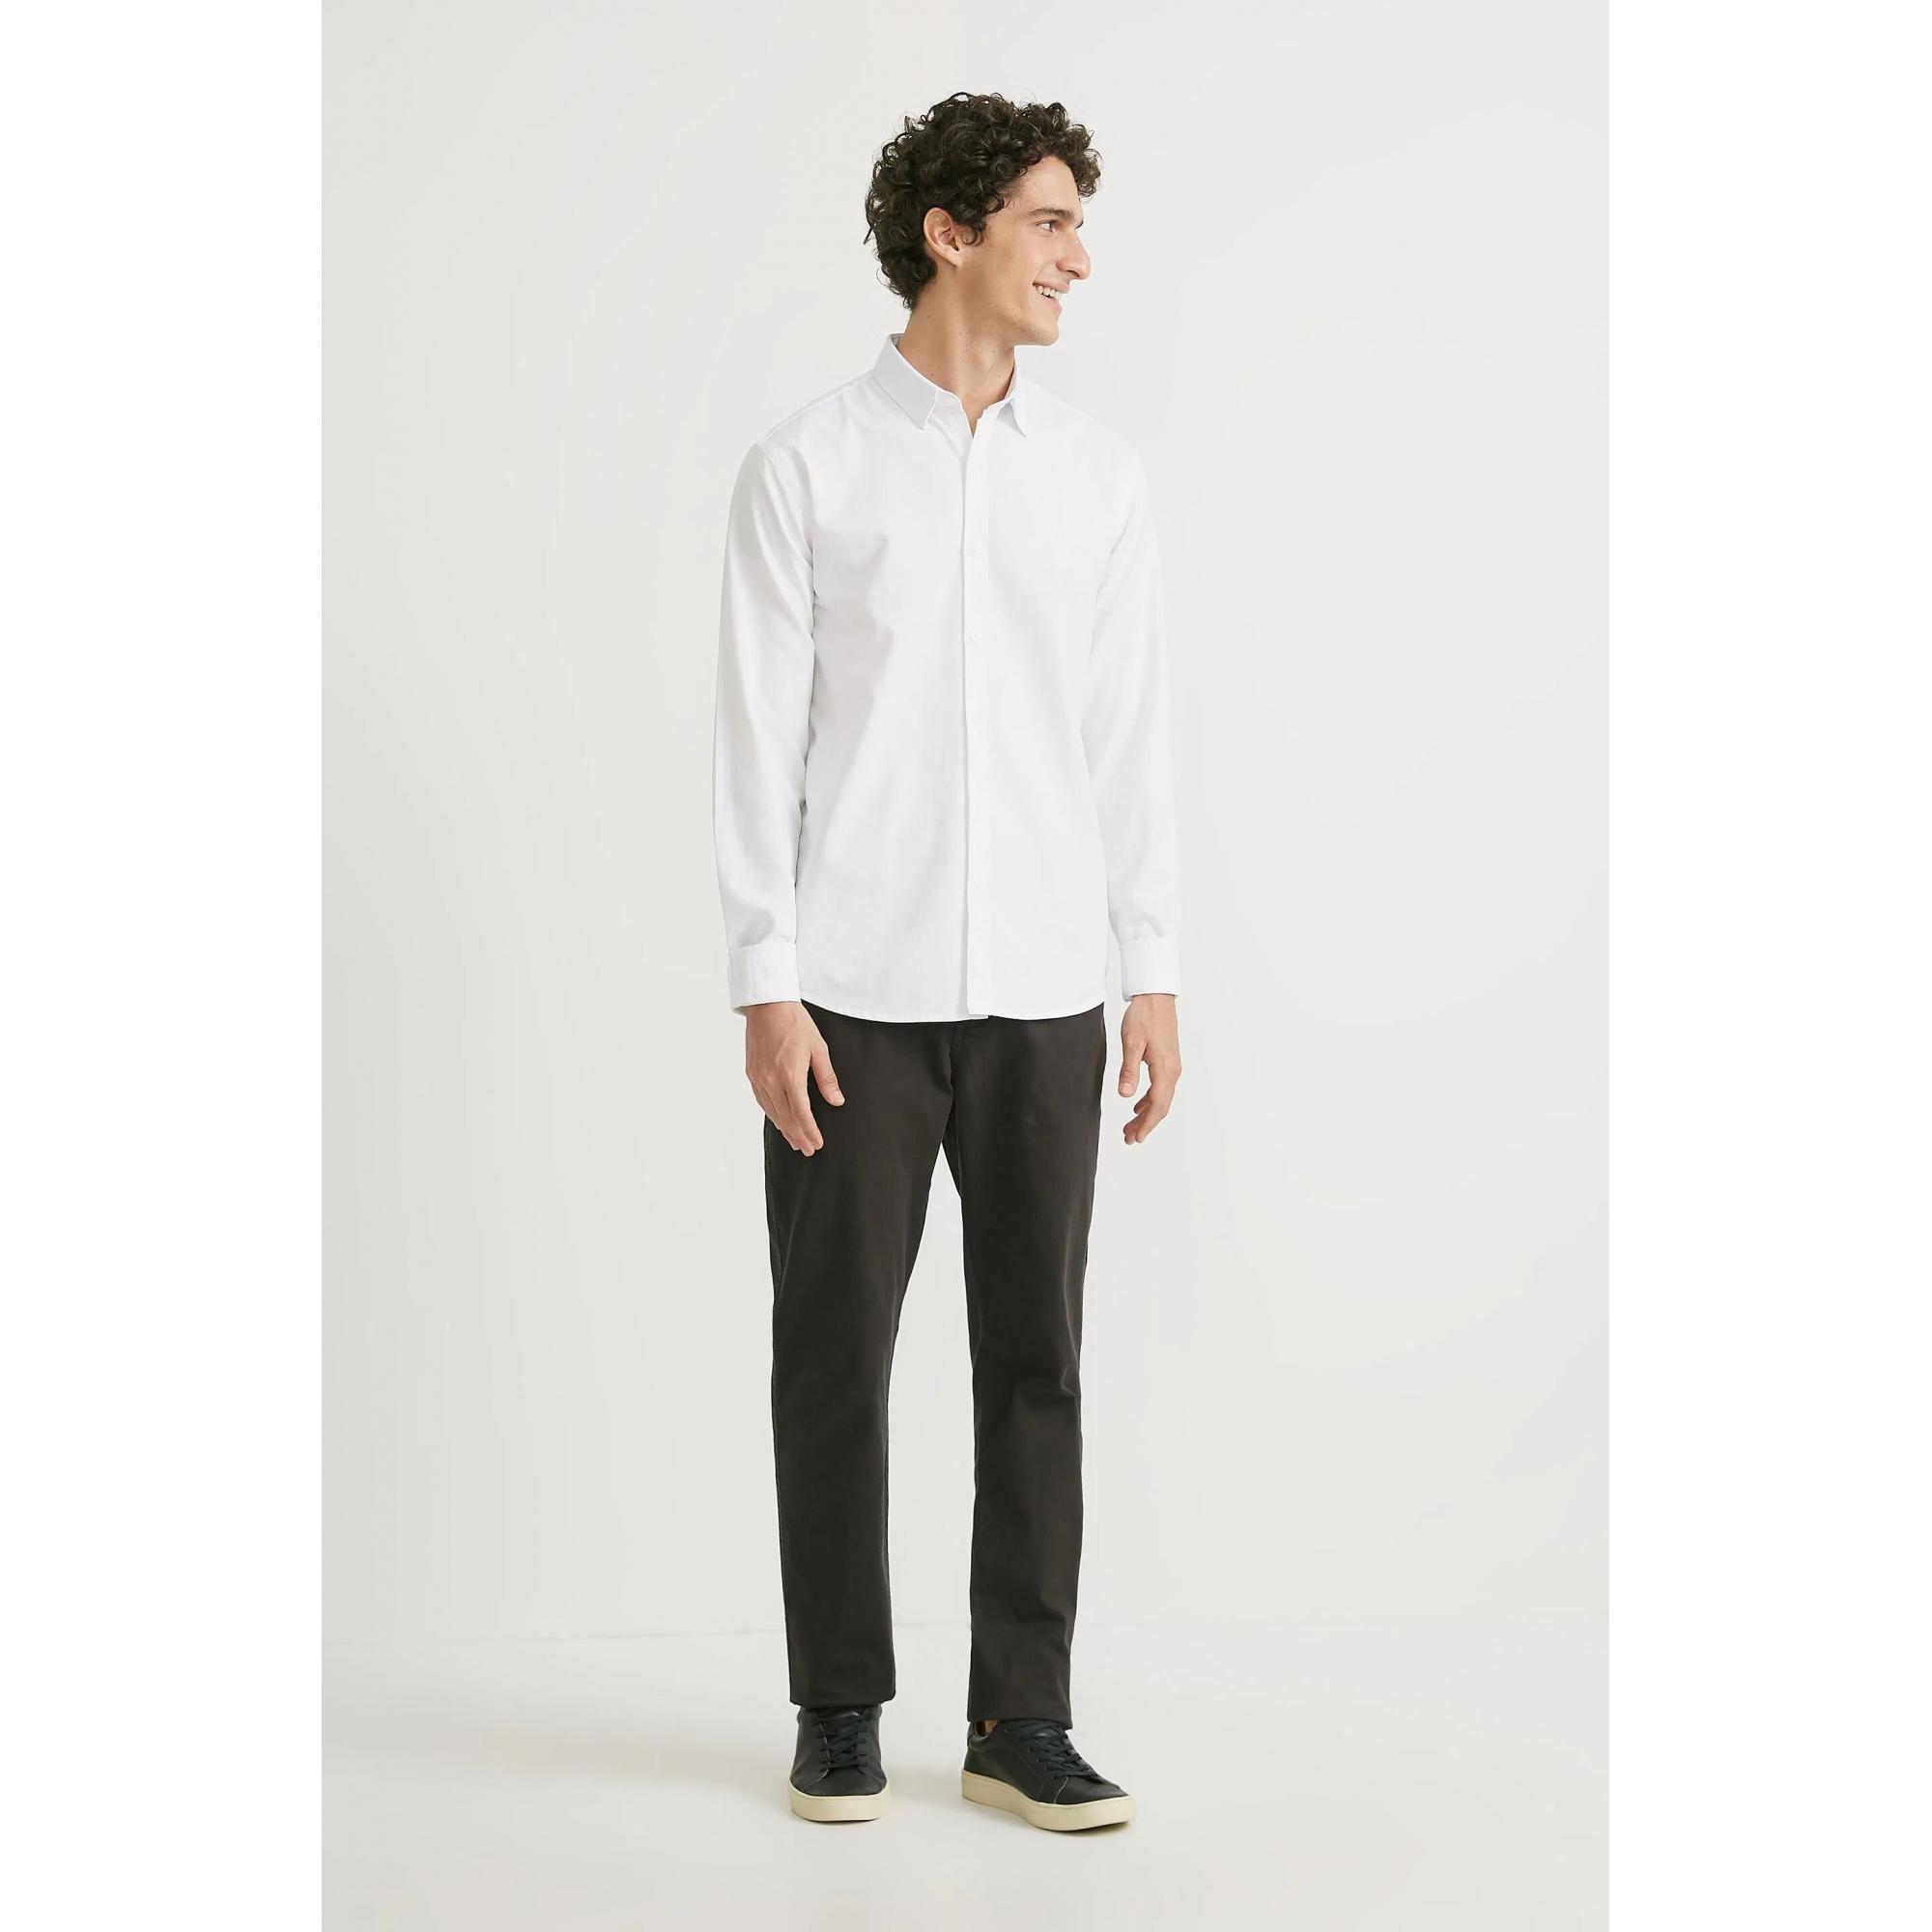 Camisa Foxton ML Oxford Verão - Branco